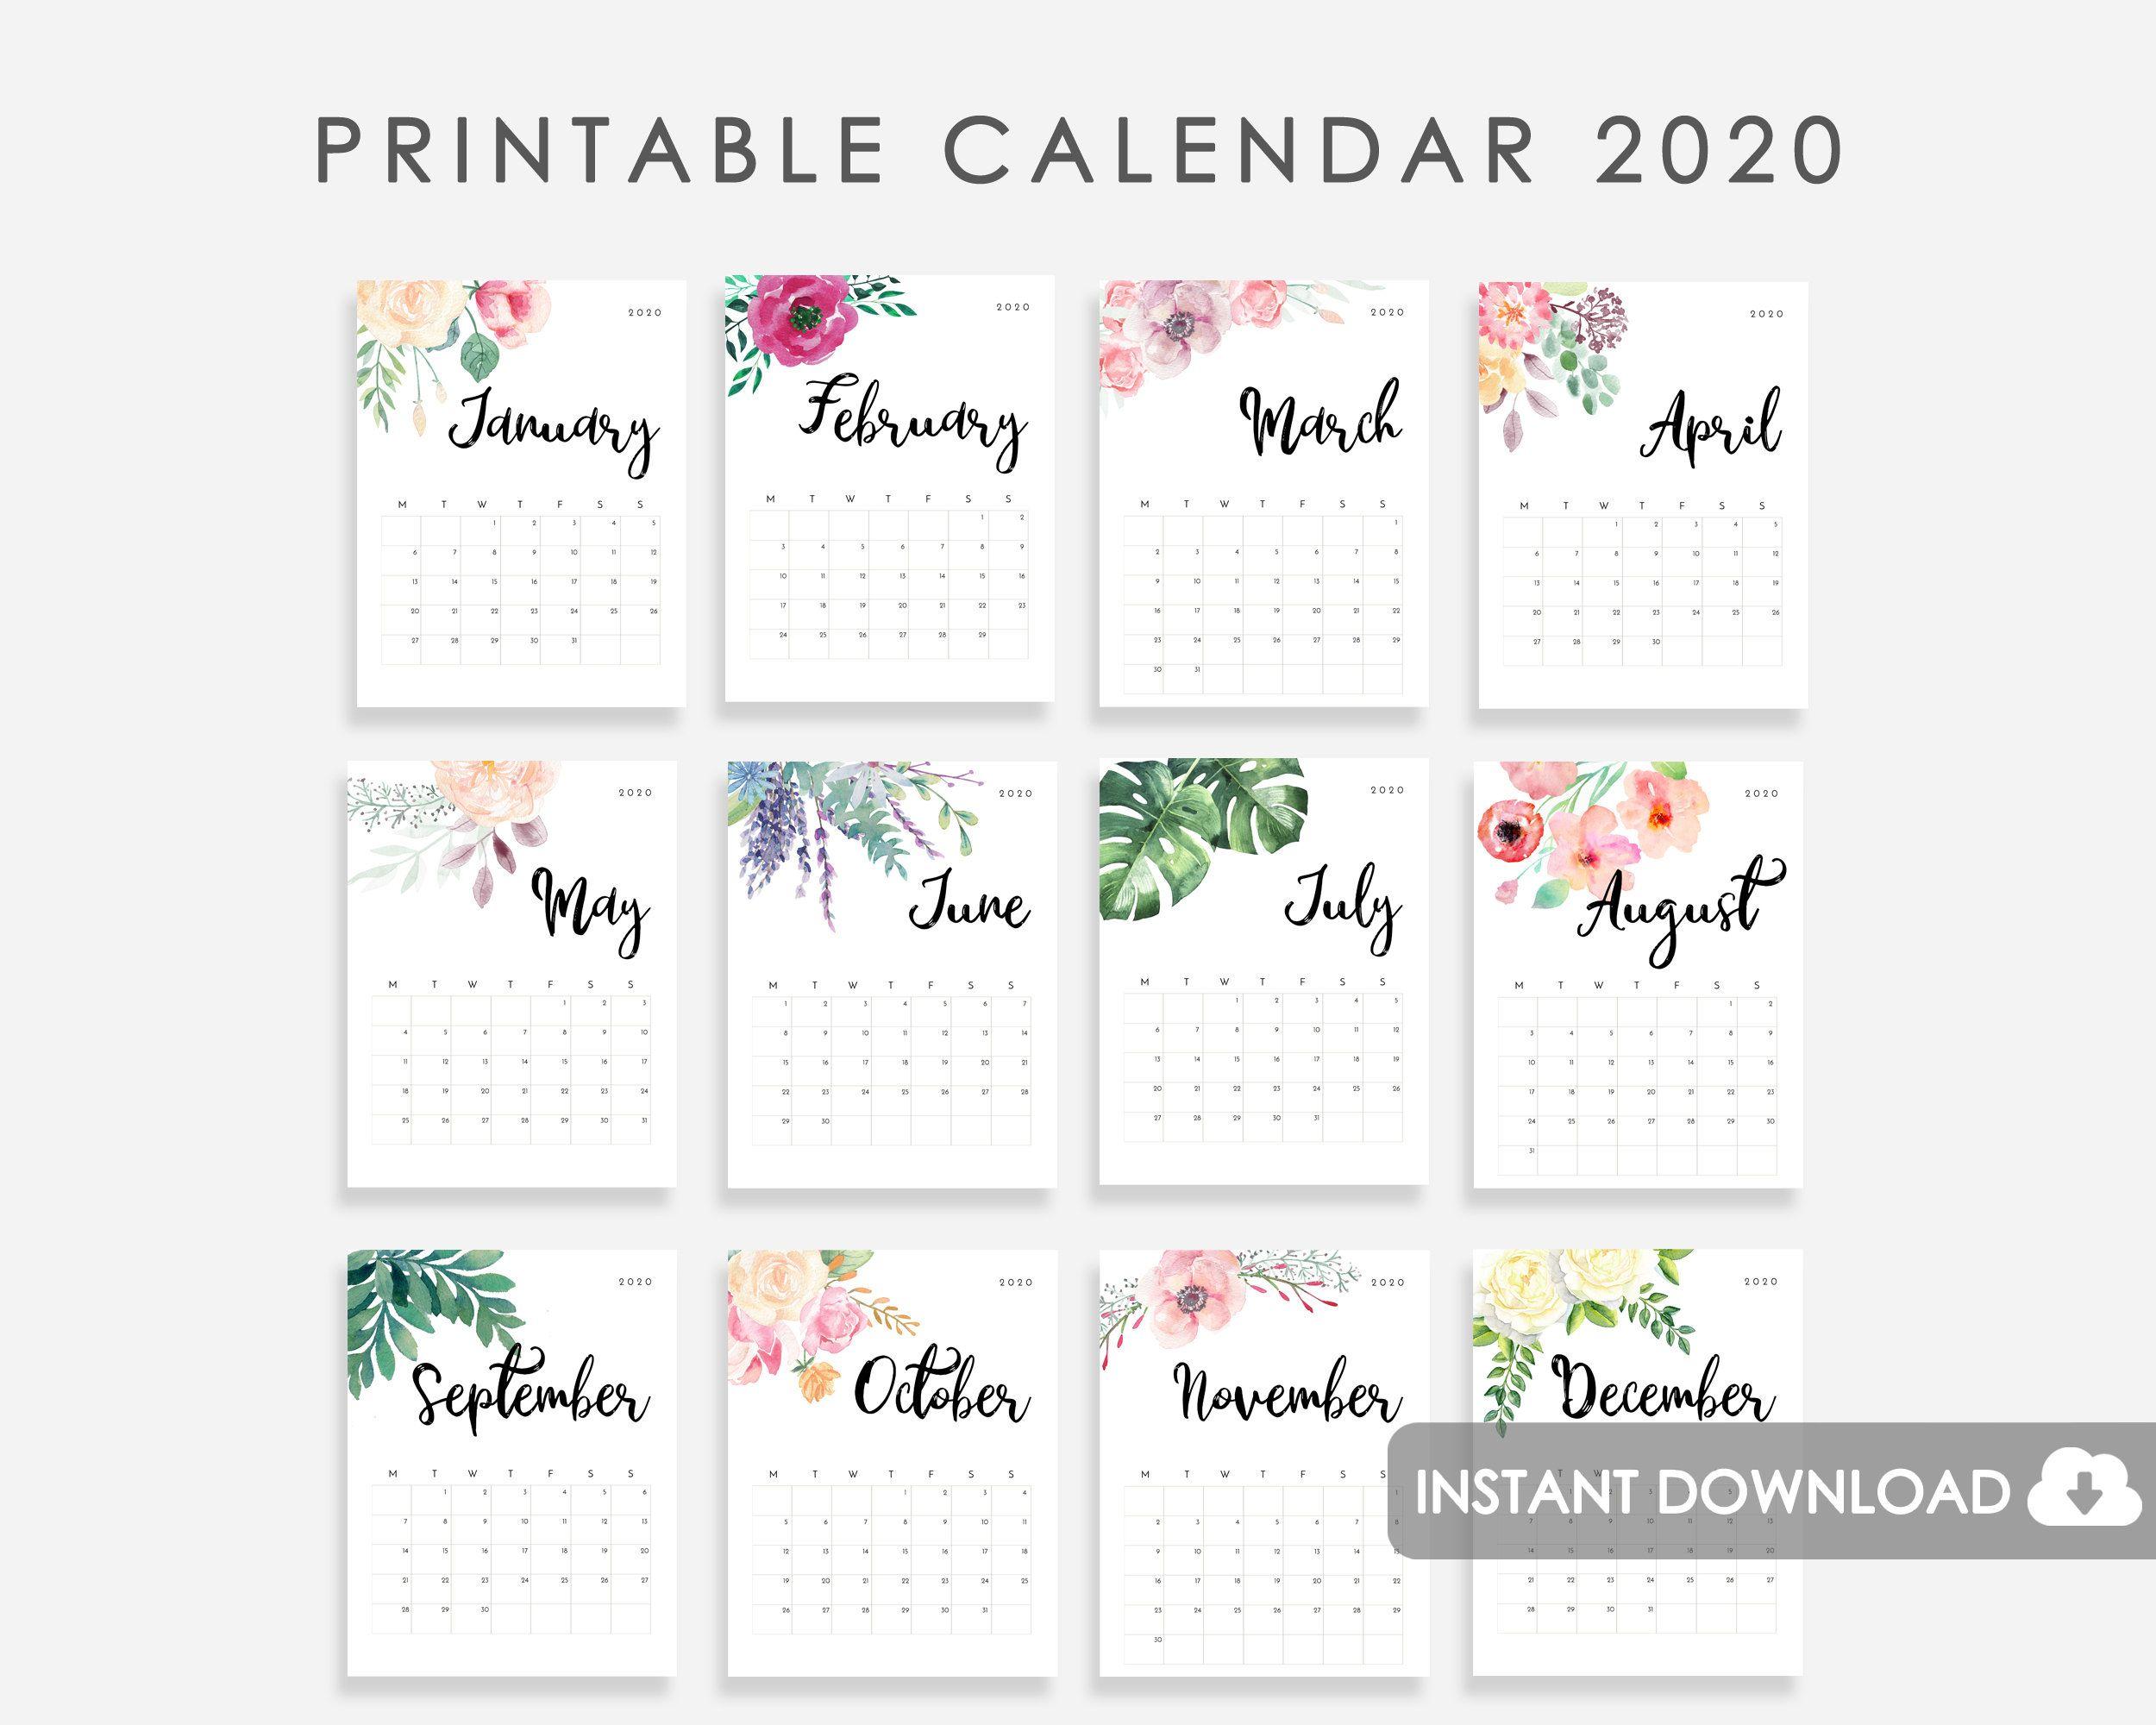 2020 Calendar Printable Desk Calendar 2020 2020 Wall Calendar